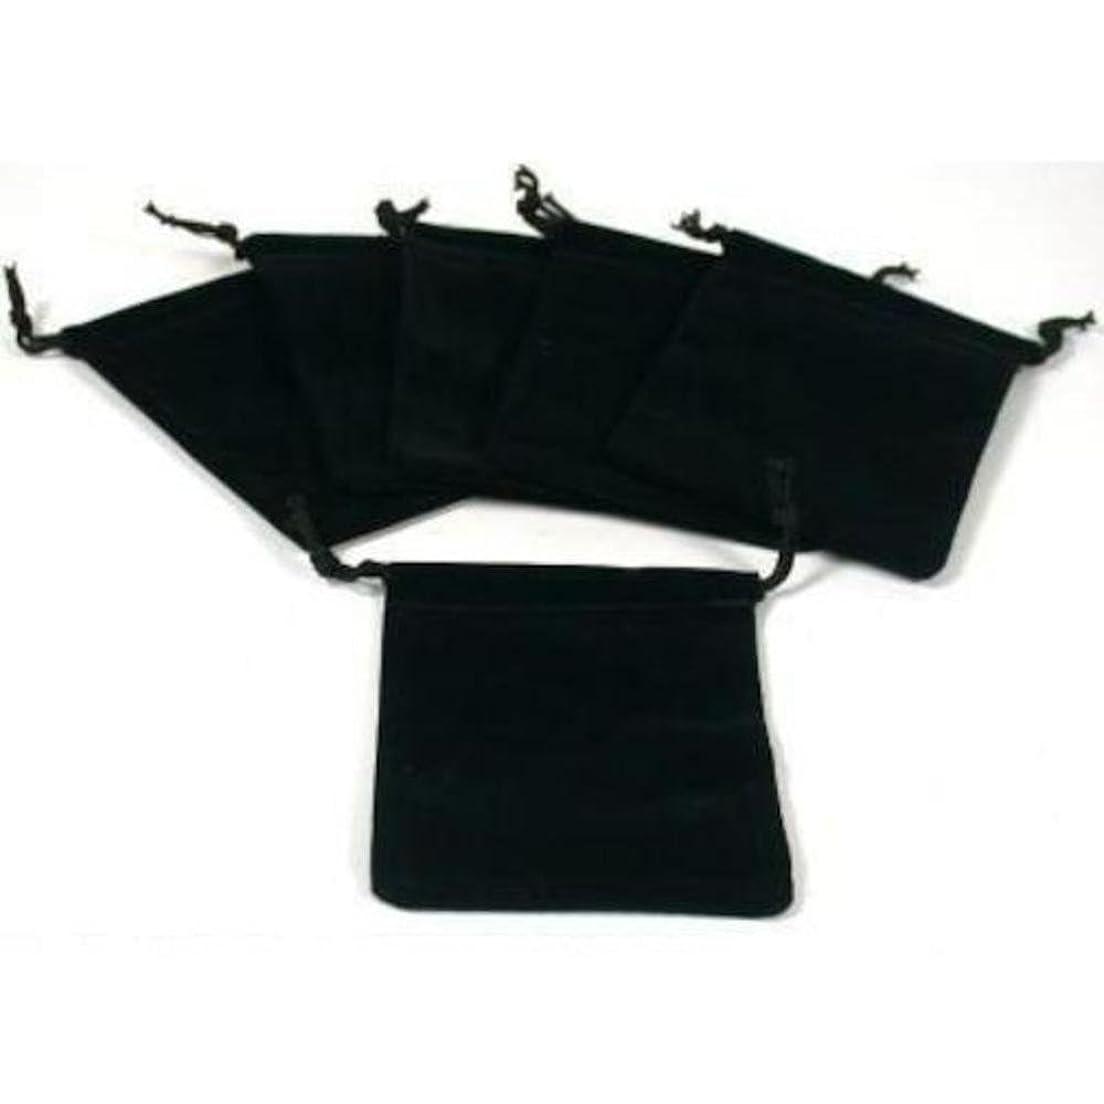 パリティダメージ前任者HOUSWEETY オーガンジー袋 巾着袋 ジュエリー収納 ジュエリーポーチ ギフトバッグ 贈り物袋 月と星文様 色:ホワイト 16cmx13cm 20枚